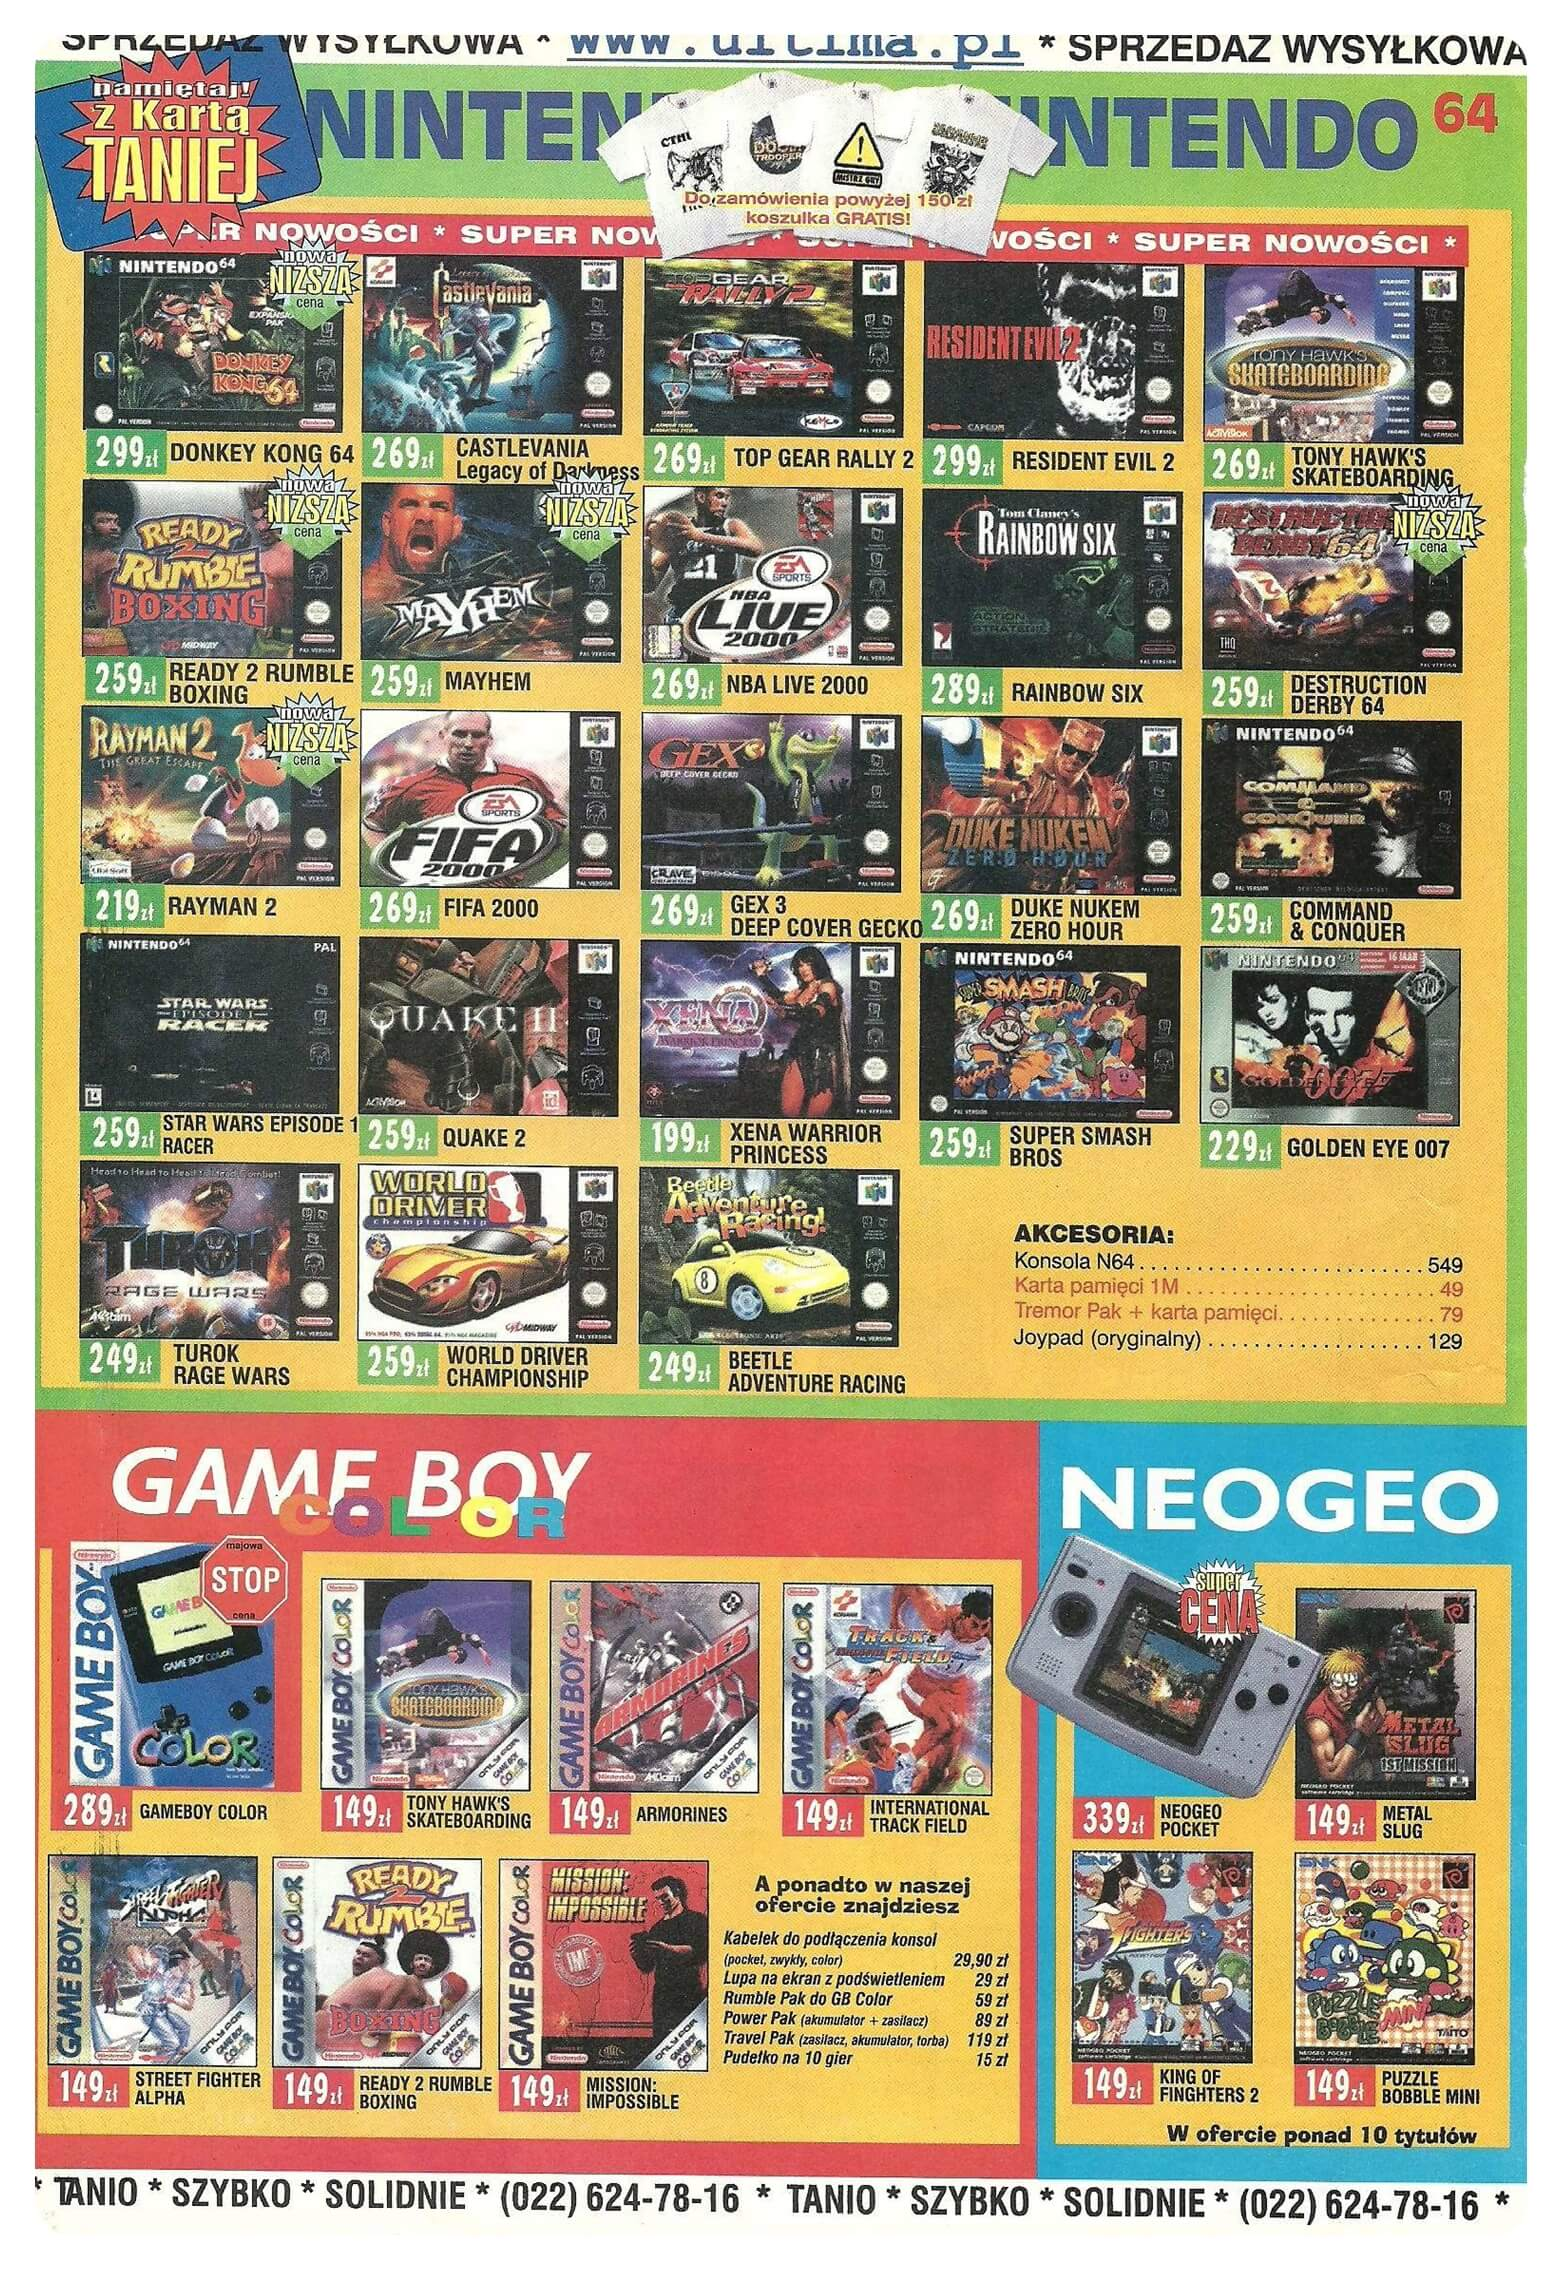 Neo Plus nr 022 200052q4 - Jak wyglądały ceny różnych konsol w Polsce w latach 1996-2006?